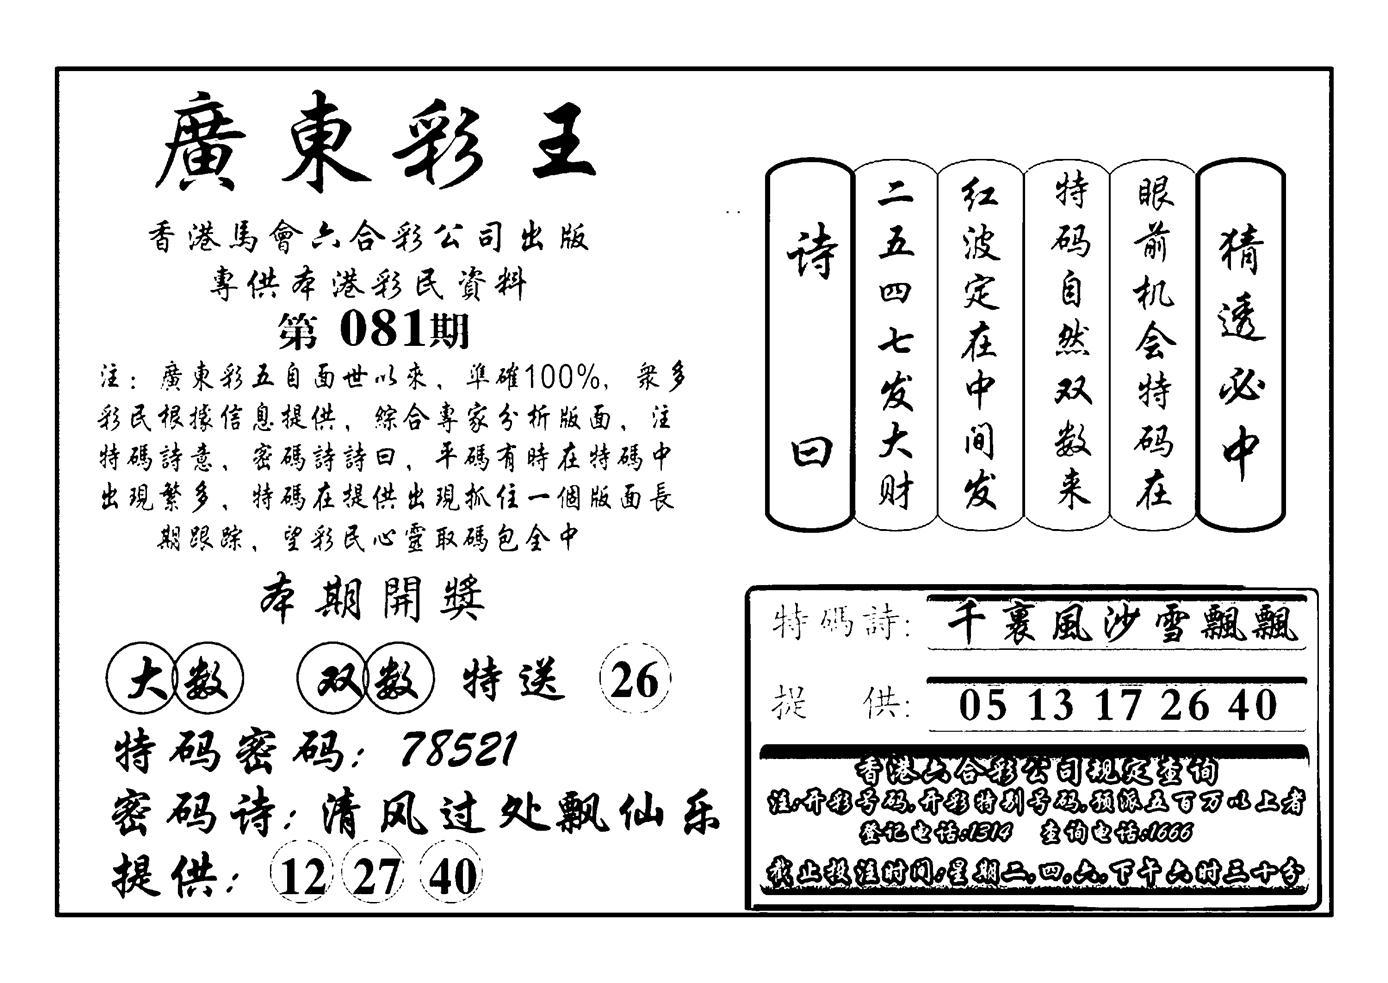 081期广东彩王(黑白)